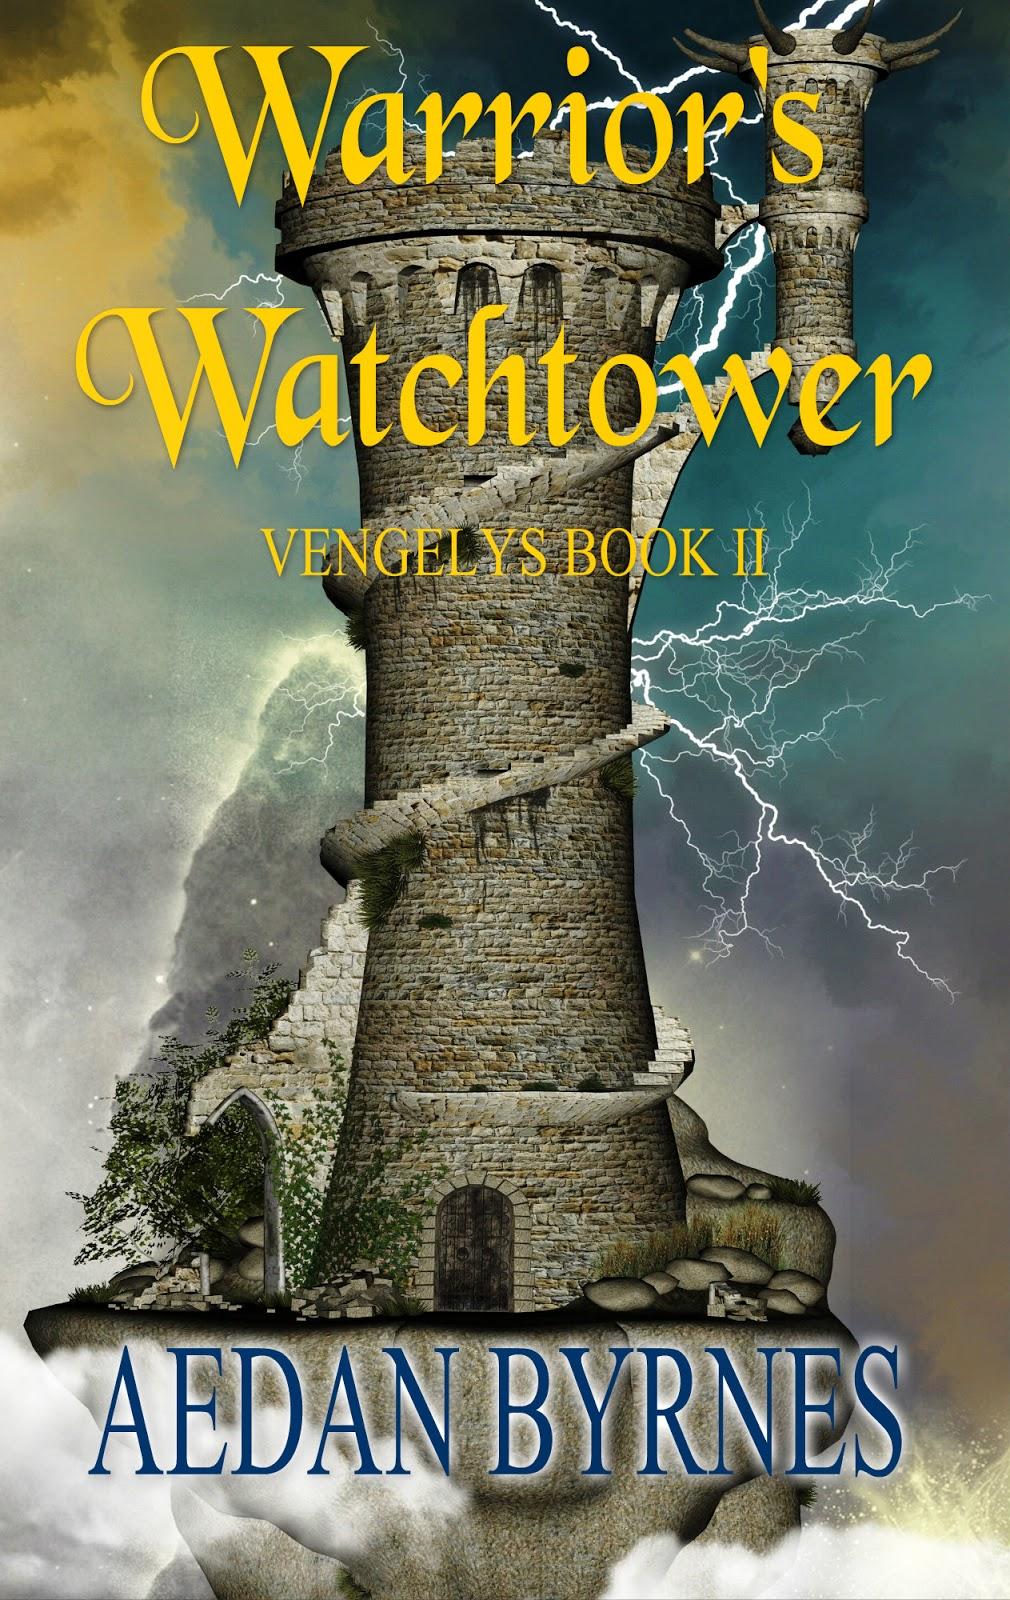 http://readsallthebooks.blogspot.com/2014/11/warriors-watchtower-review.html